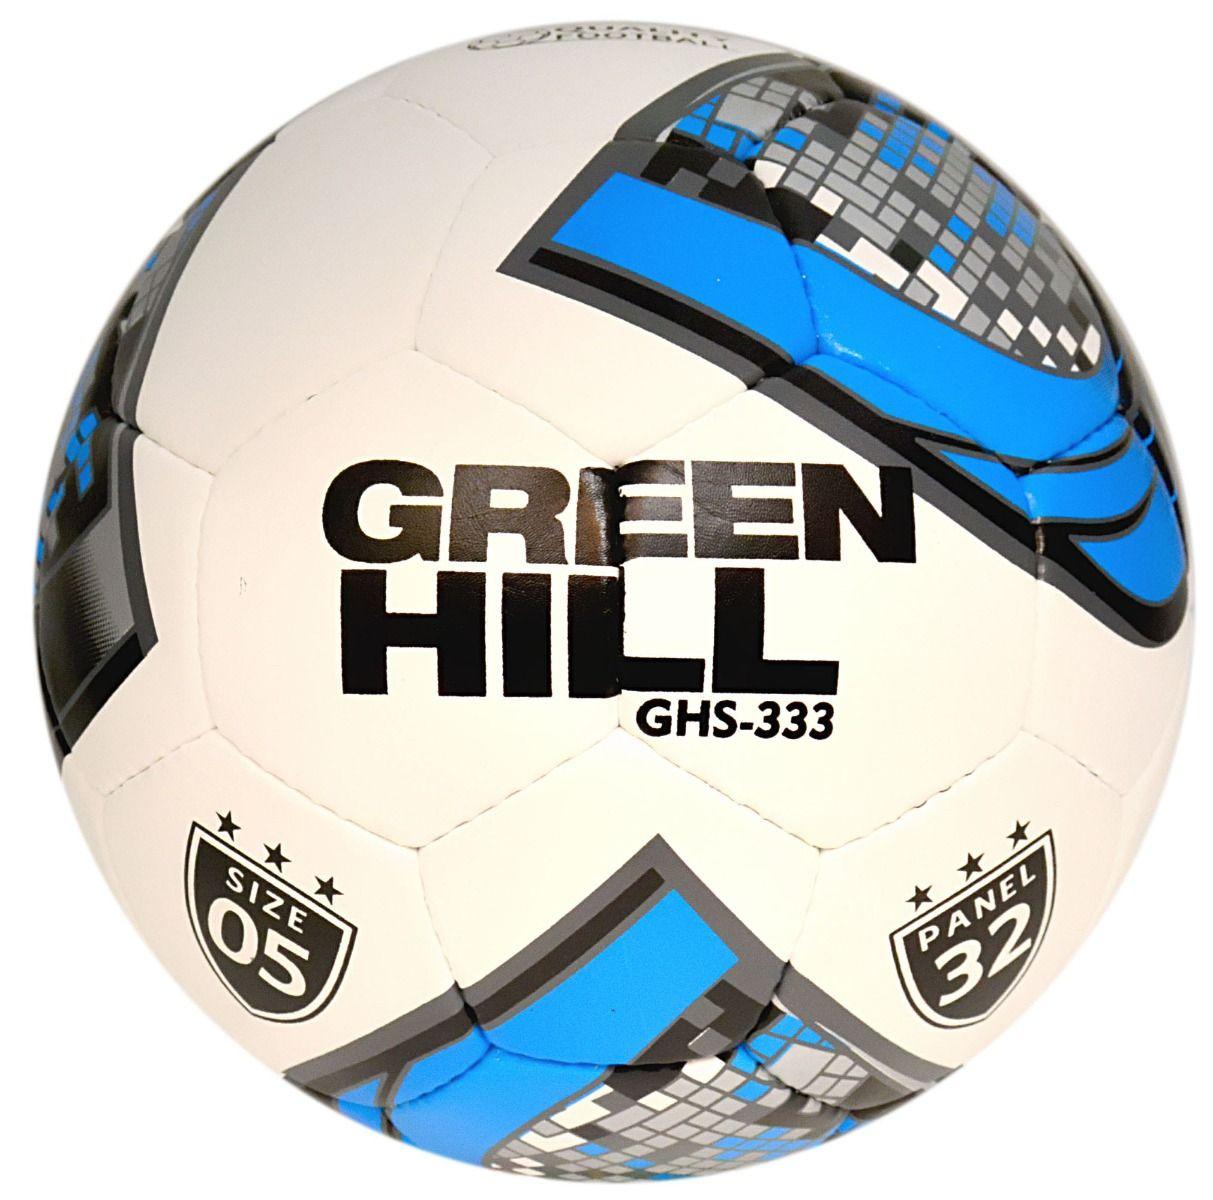 GREEN HILL SOCCER BALL 333